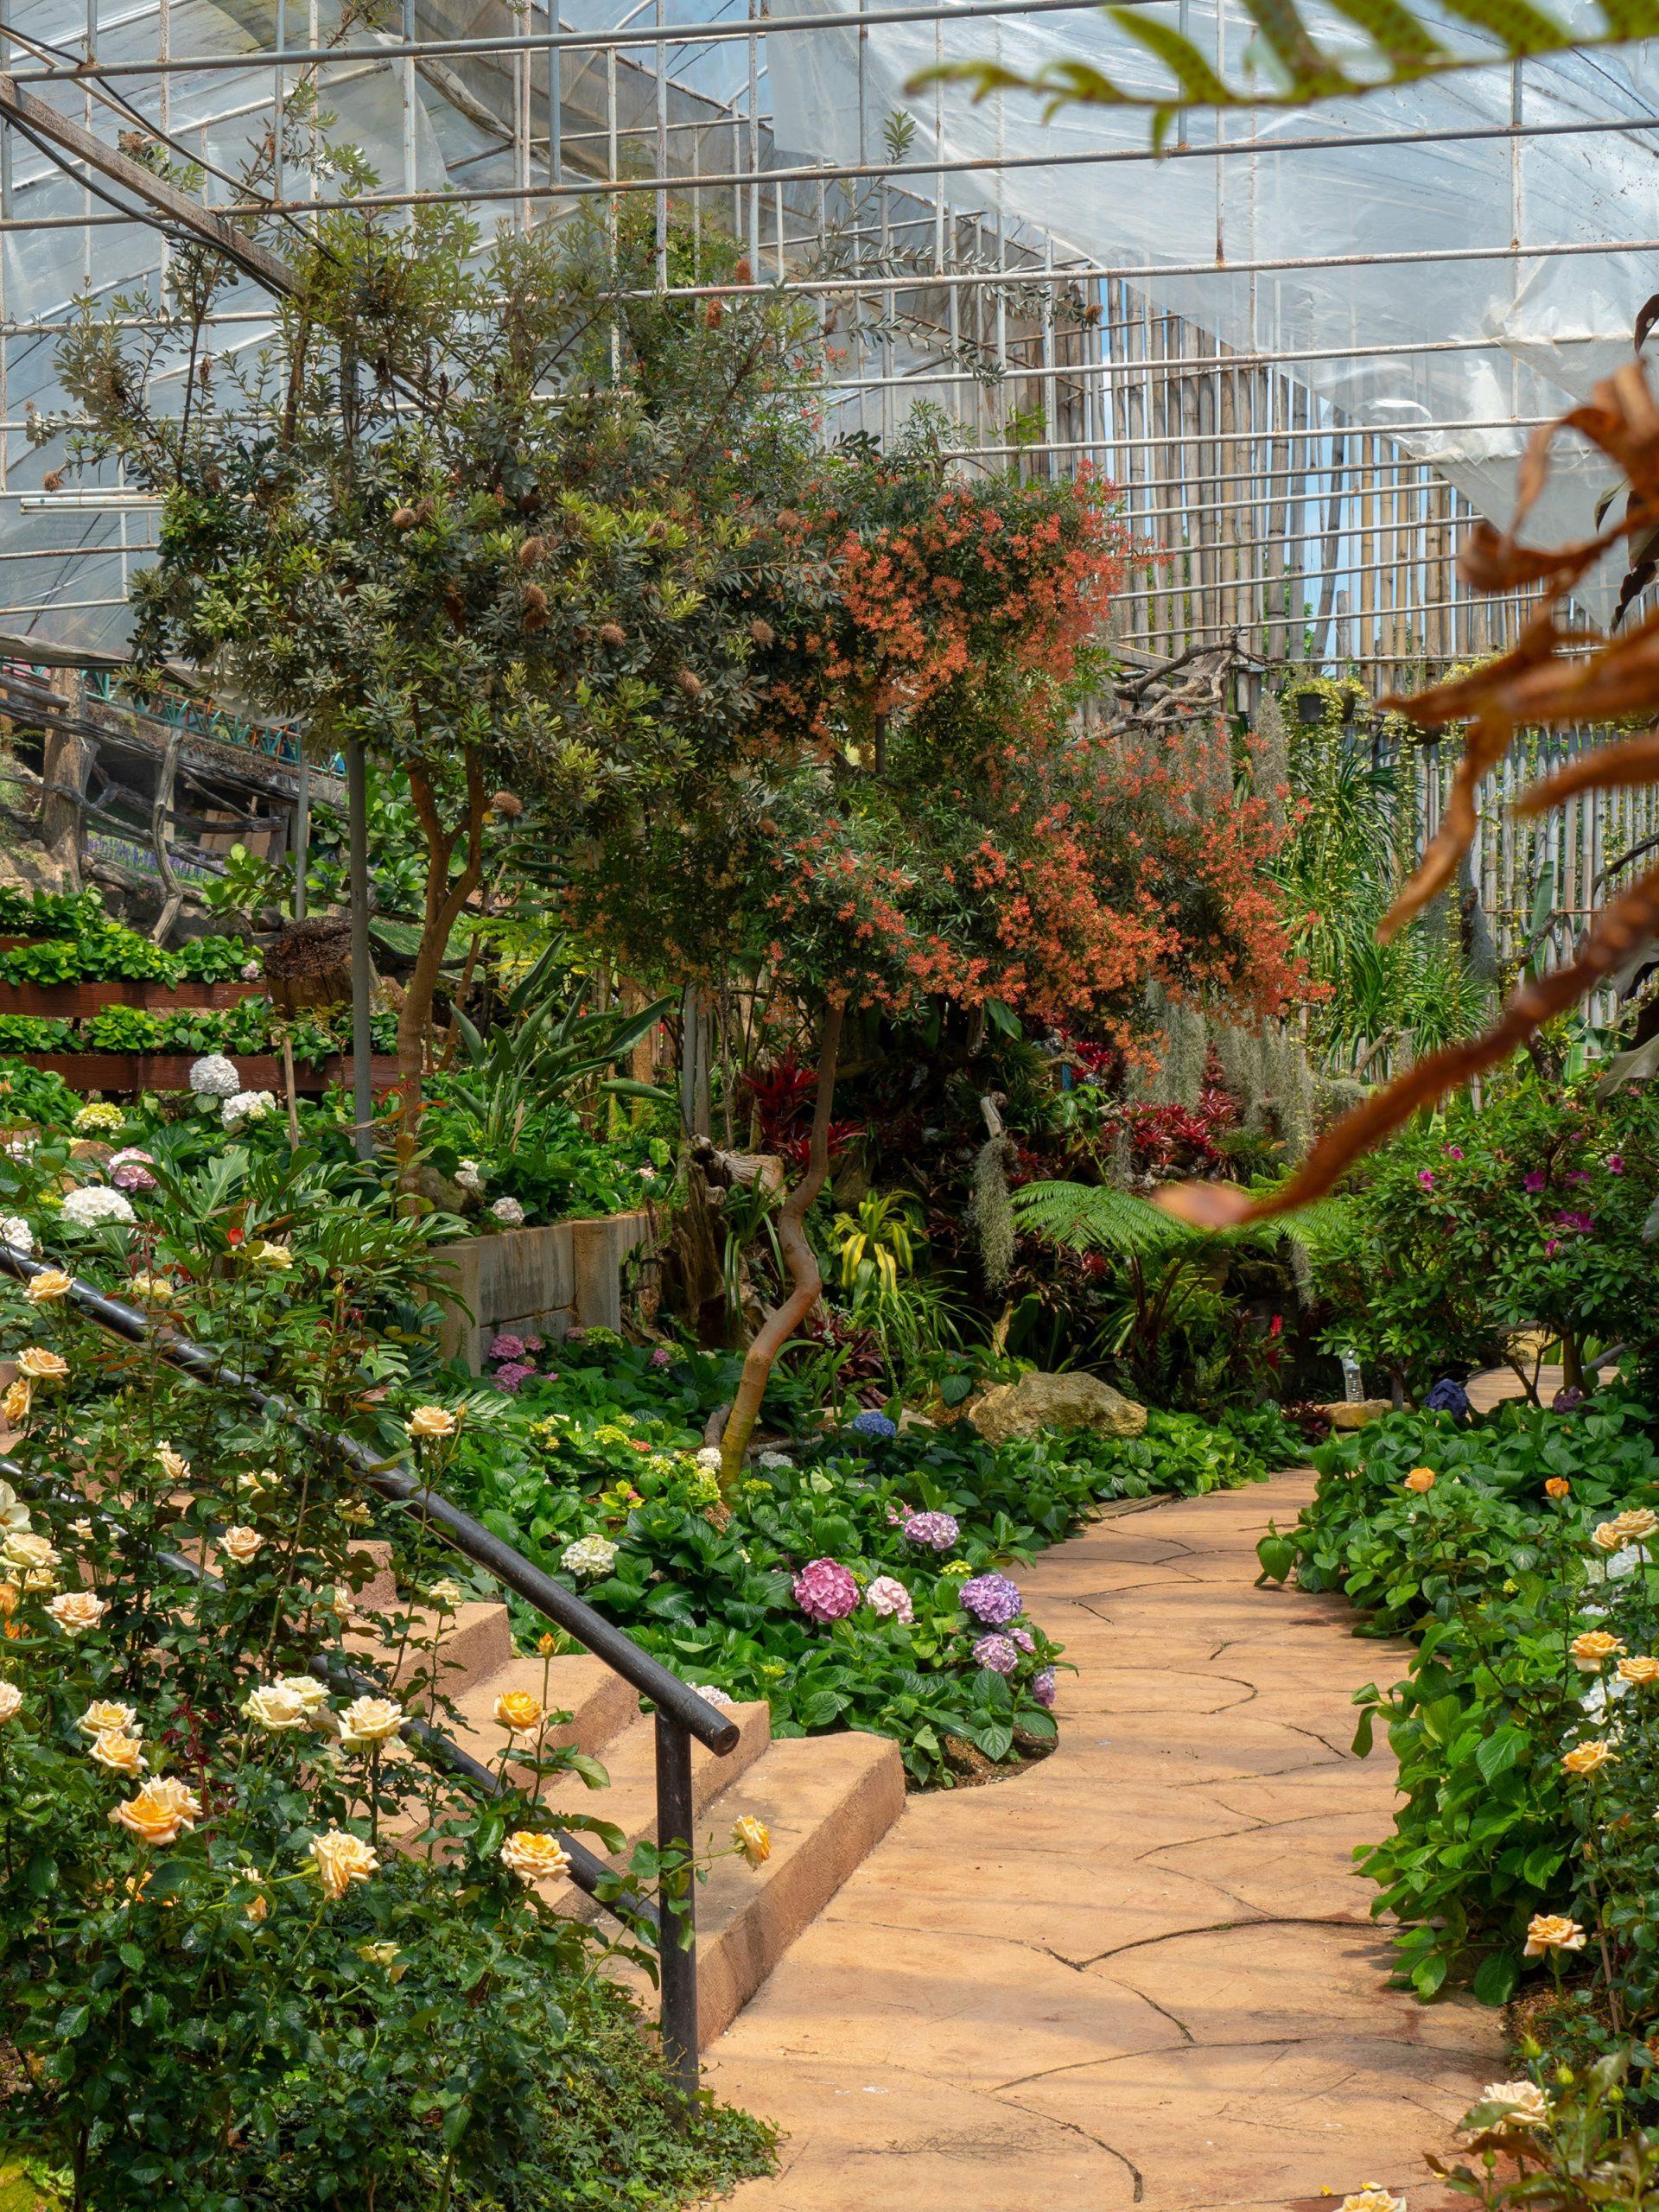 سیر باغ سازی در دنیا